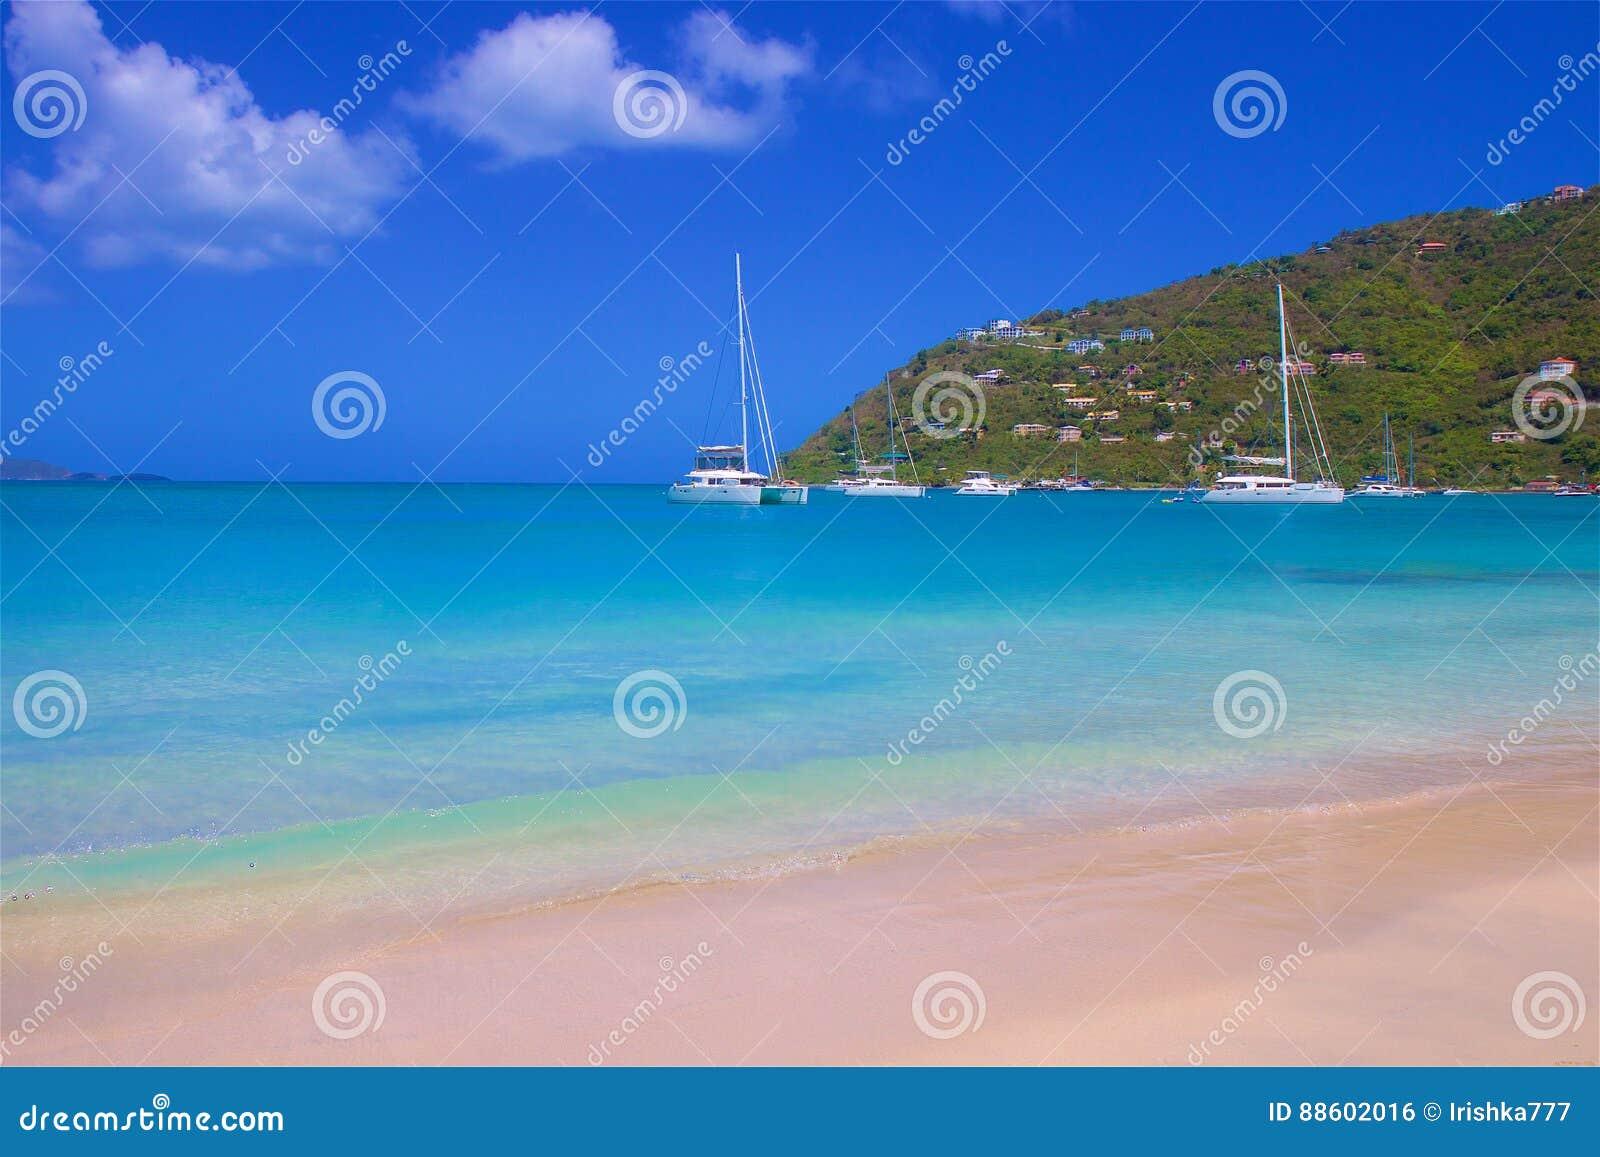 Cane Garden Bay en Tortola, del Caribe